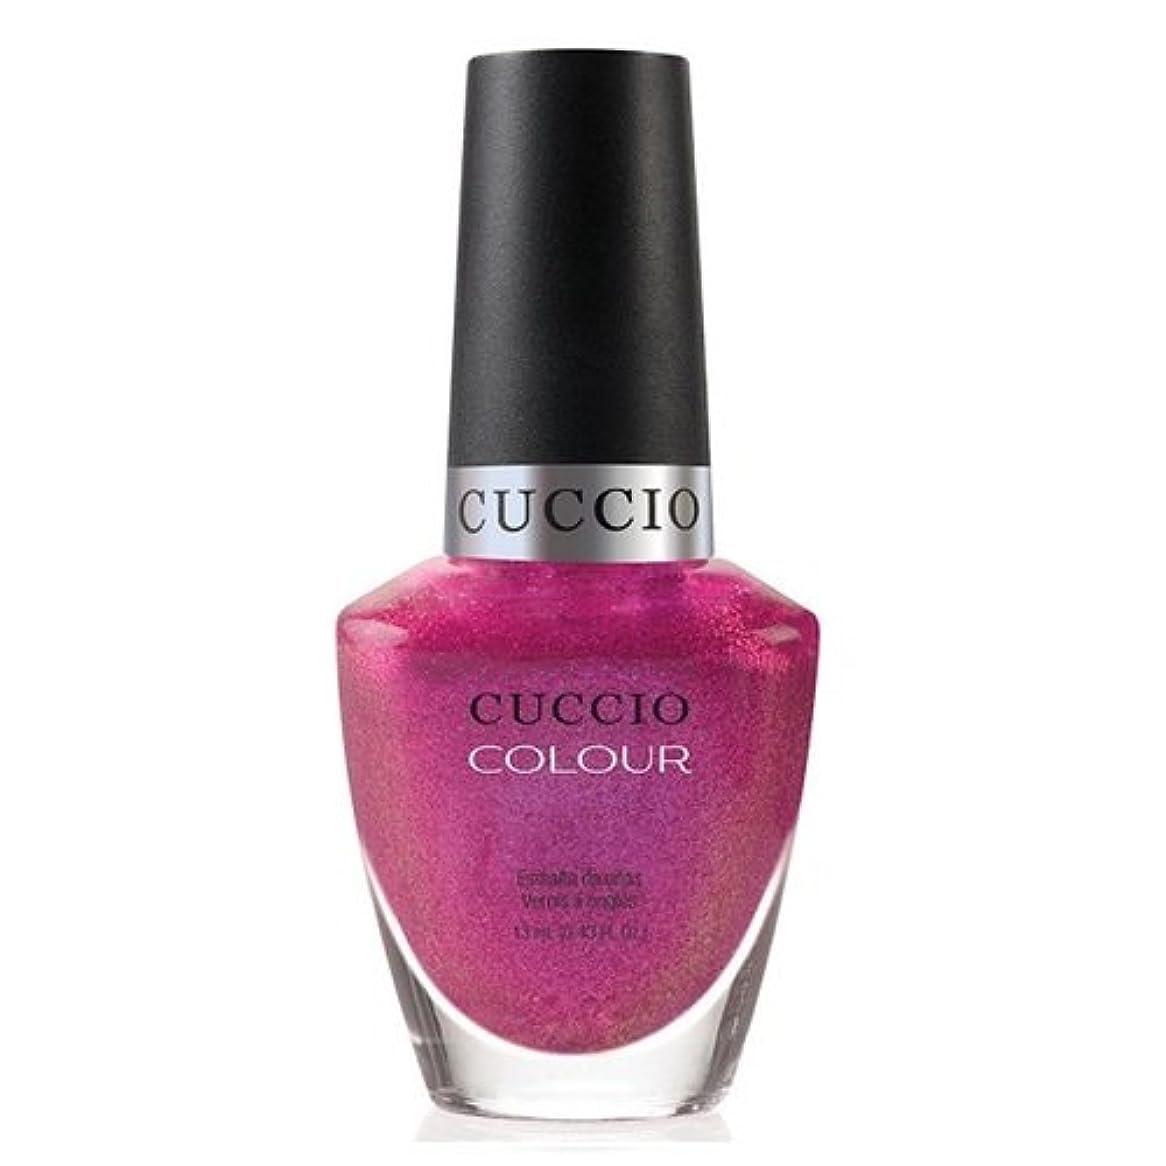 Cuccio Colour Gloss Lacquer - Femme Fatale - 0.43oz/13ml